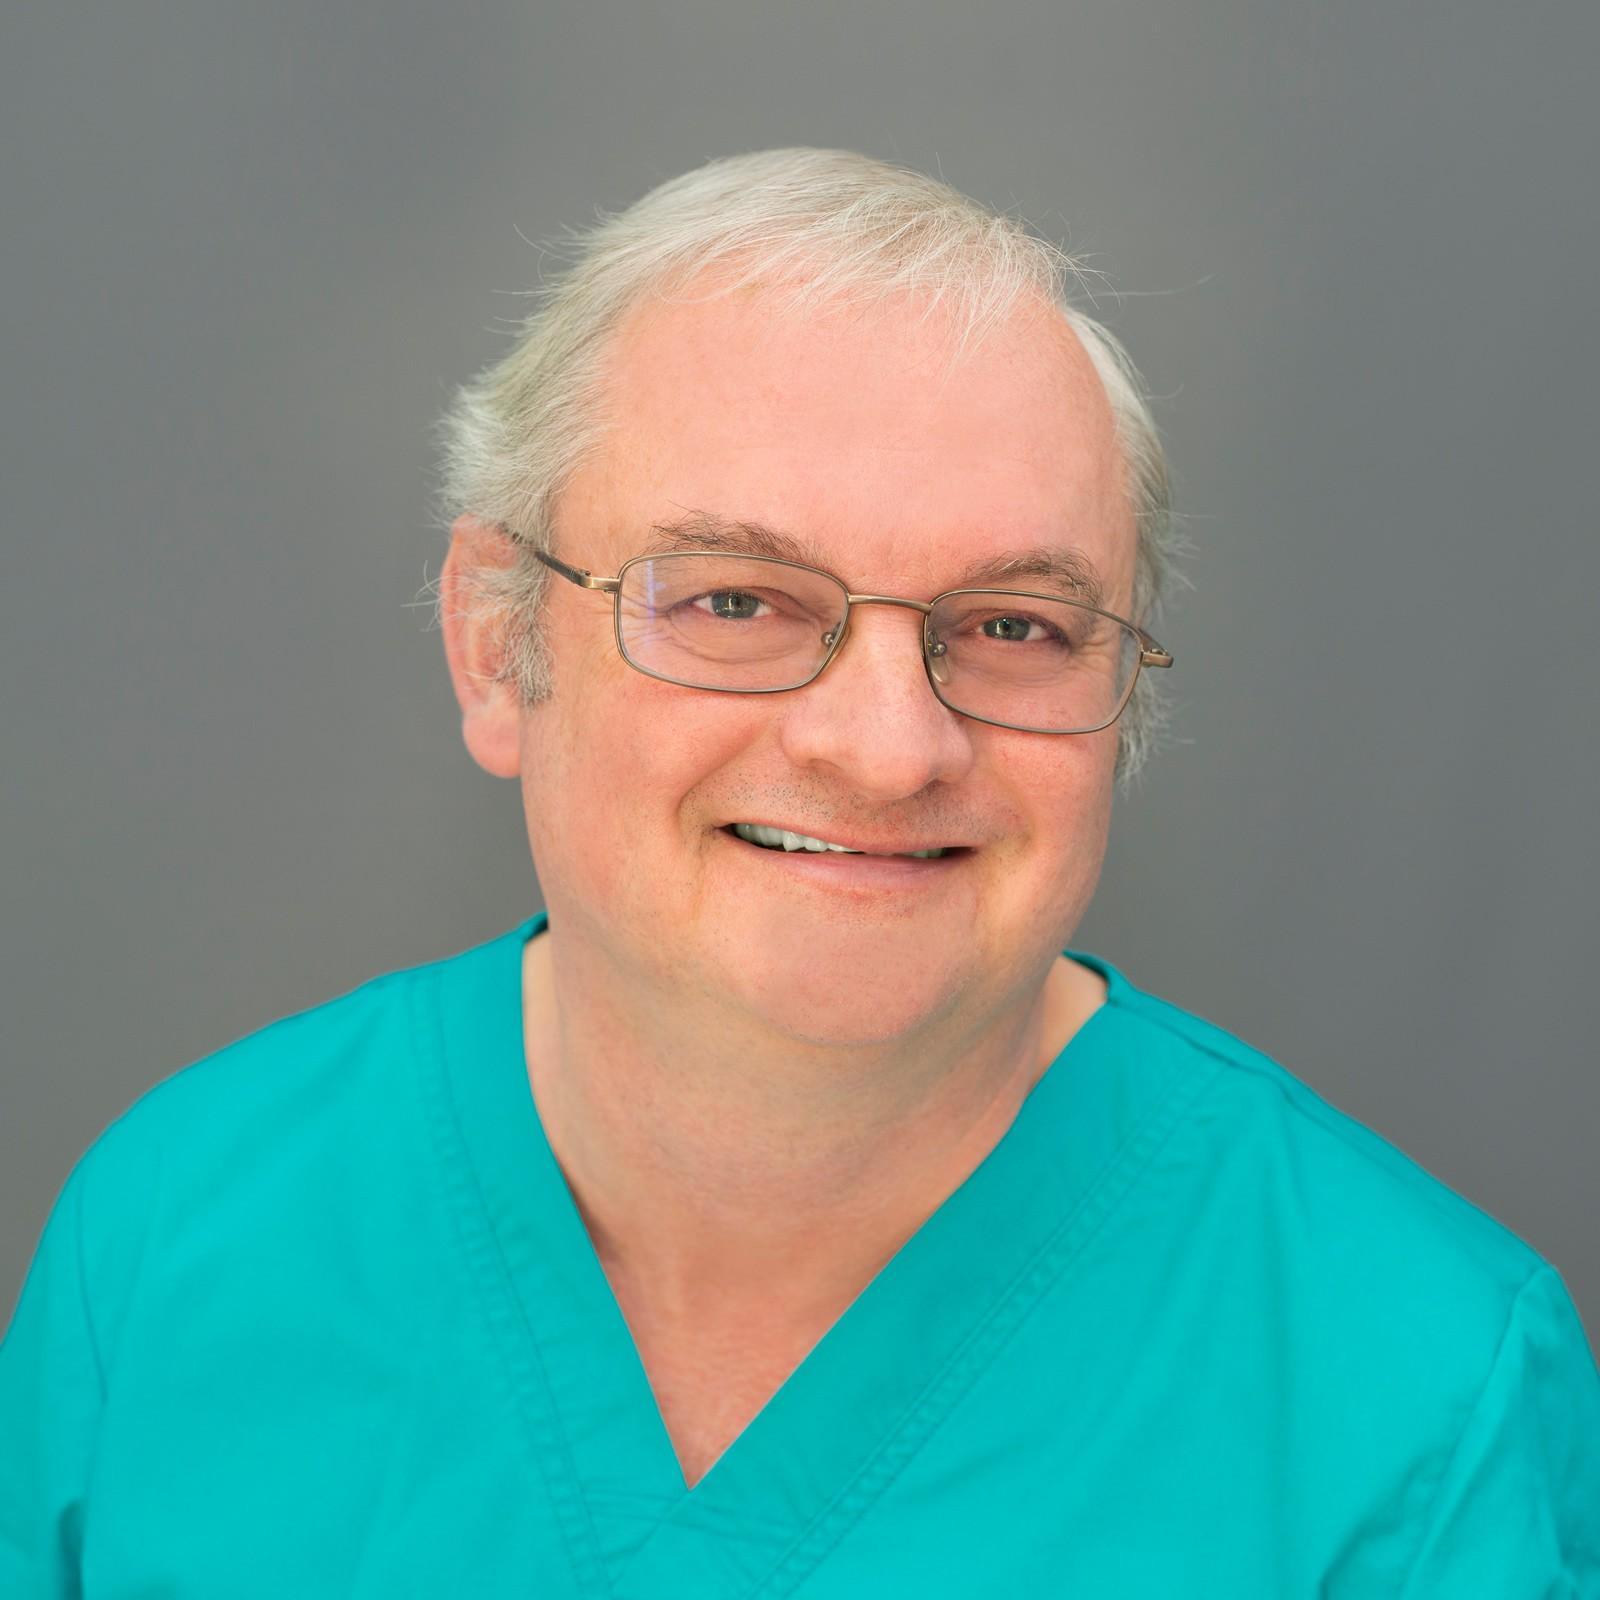 Dr. Károly Somlai